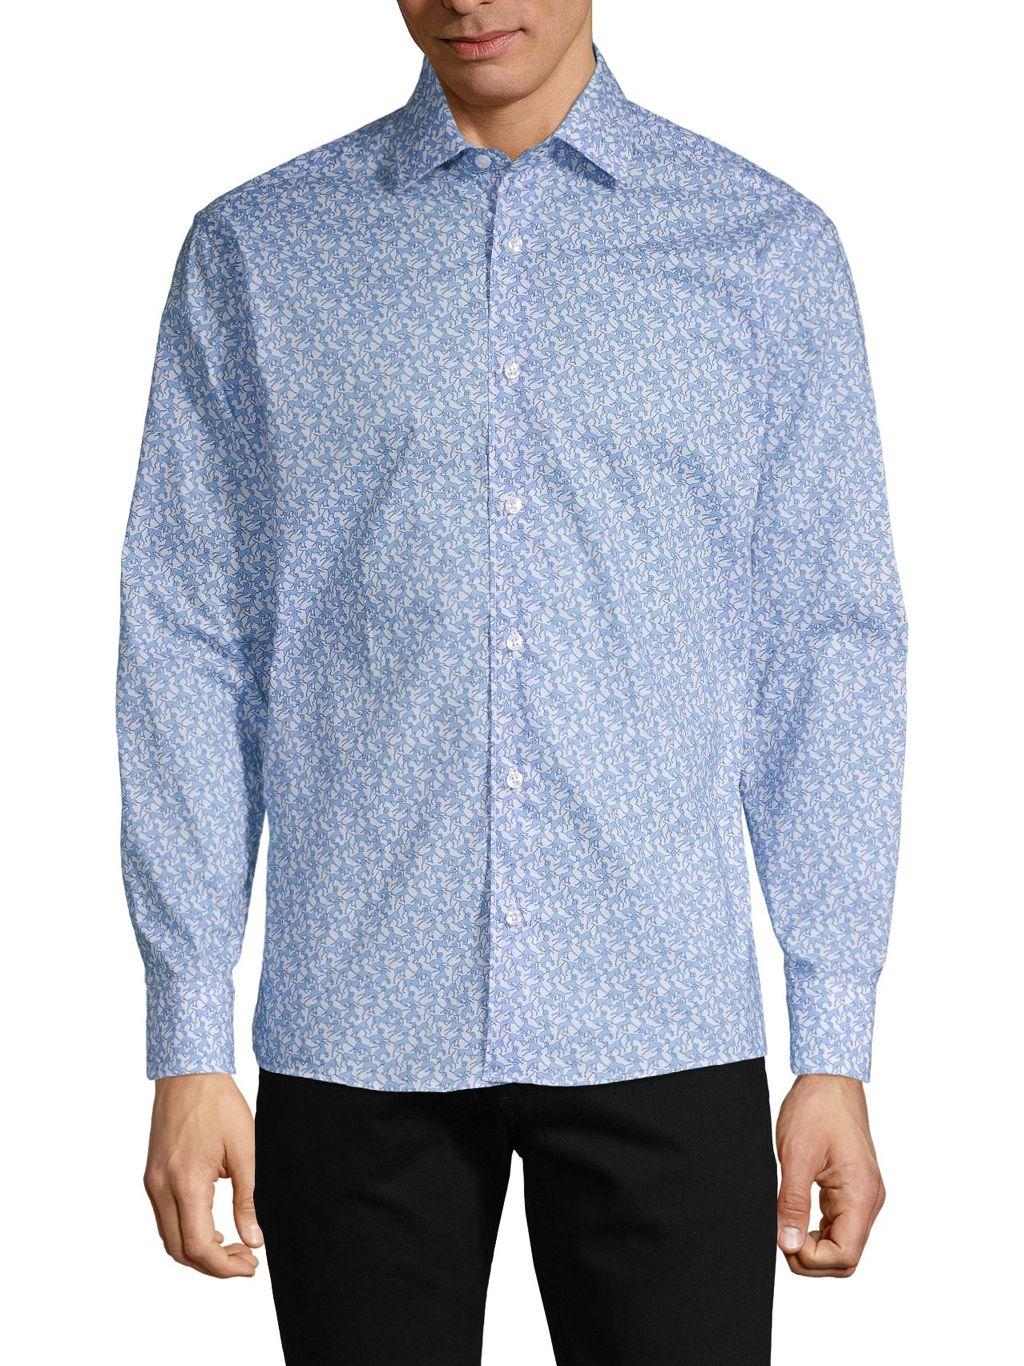 Bertigo Printed Long-Sleeve Shirt